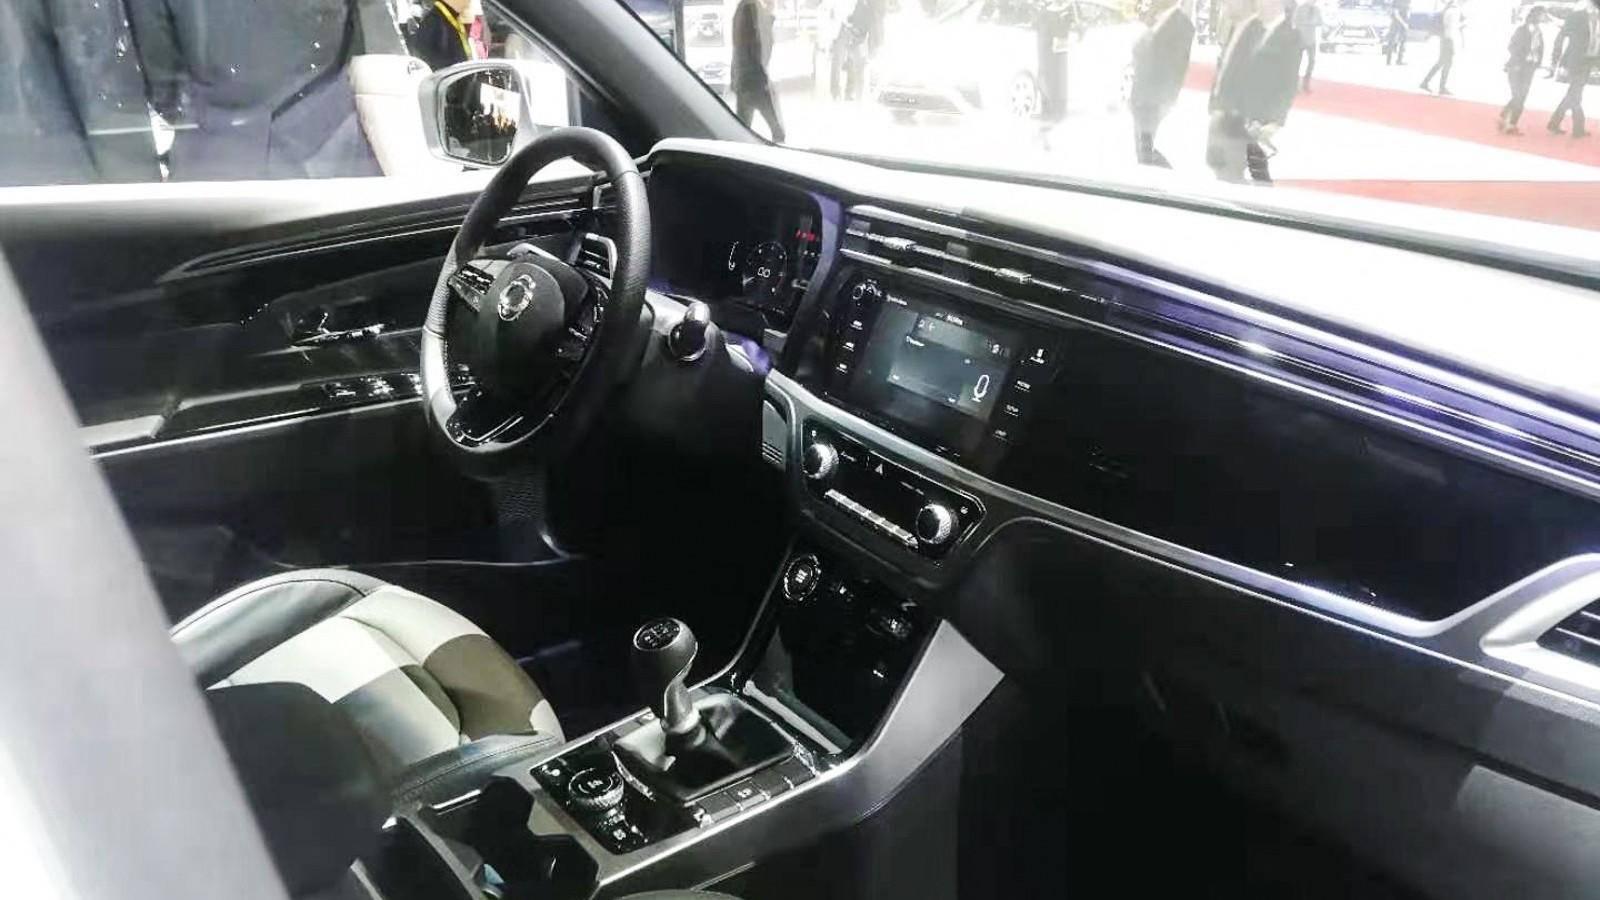 又一韩系车来搅局,能与C-HR凹造型,内舱却有大众帕萨特味道